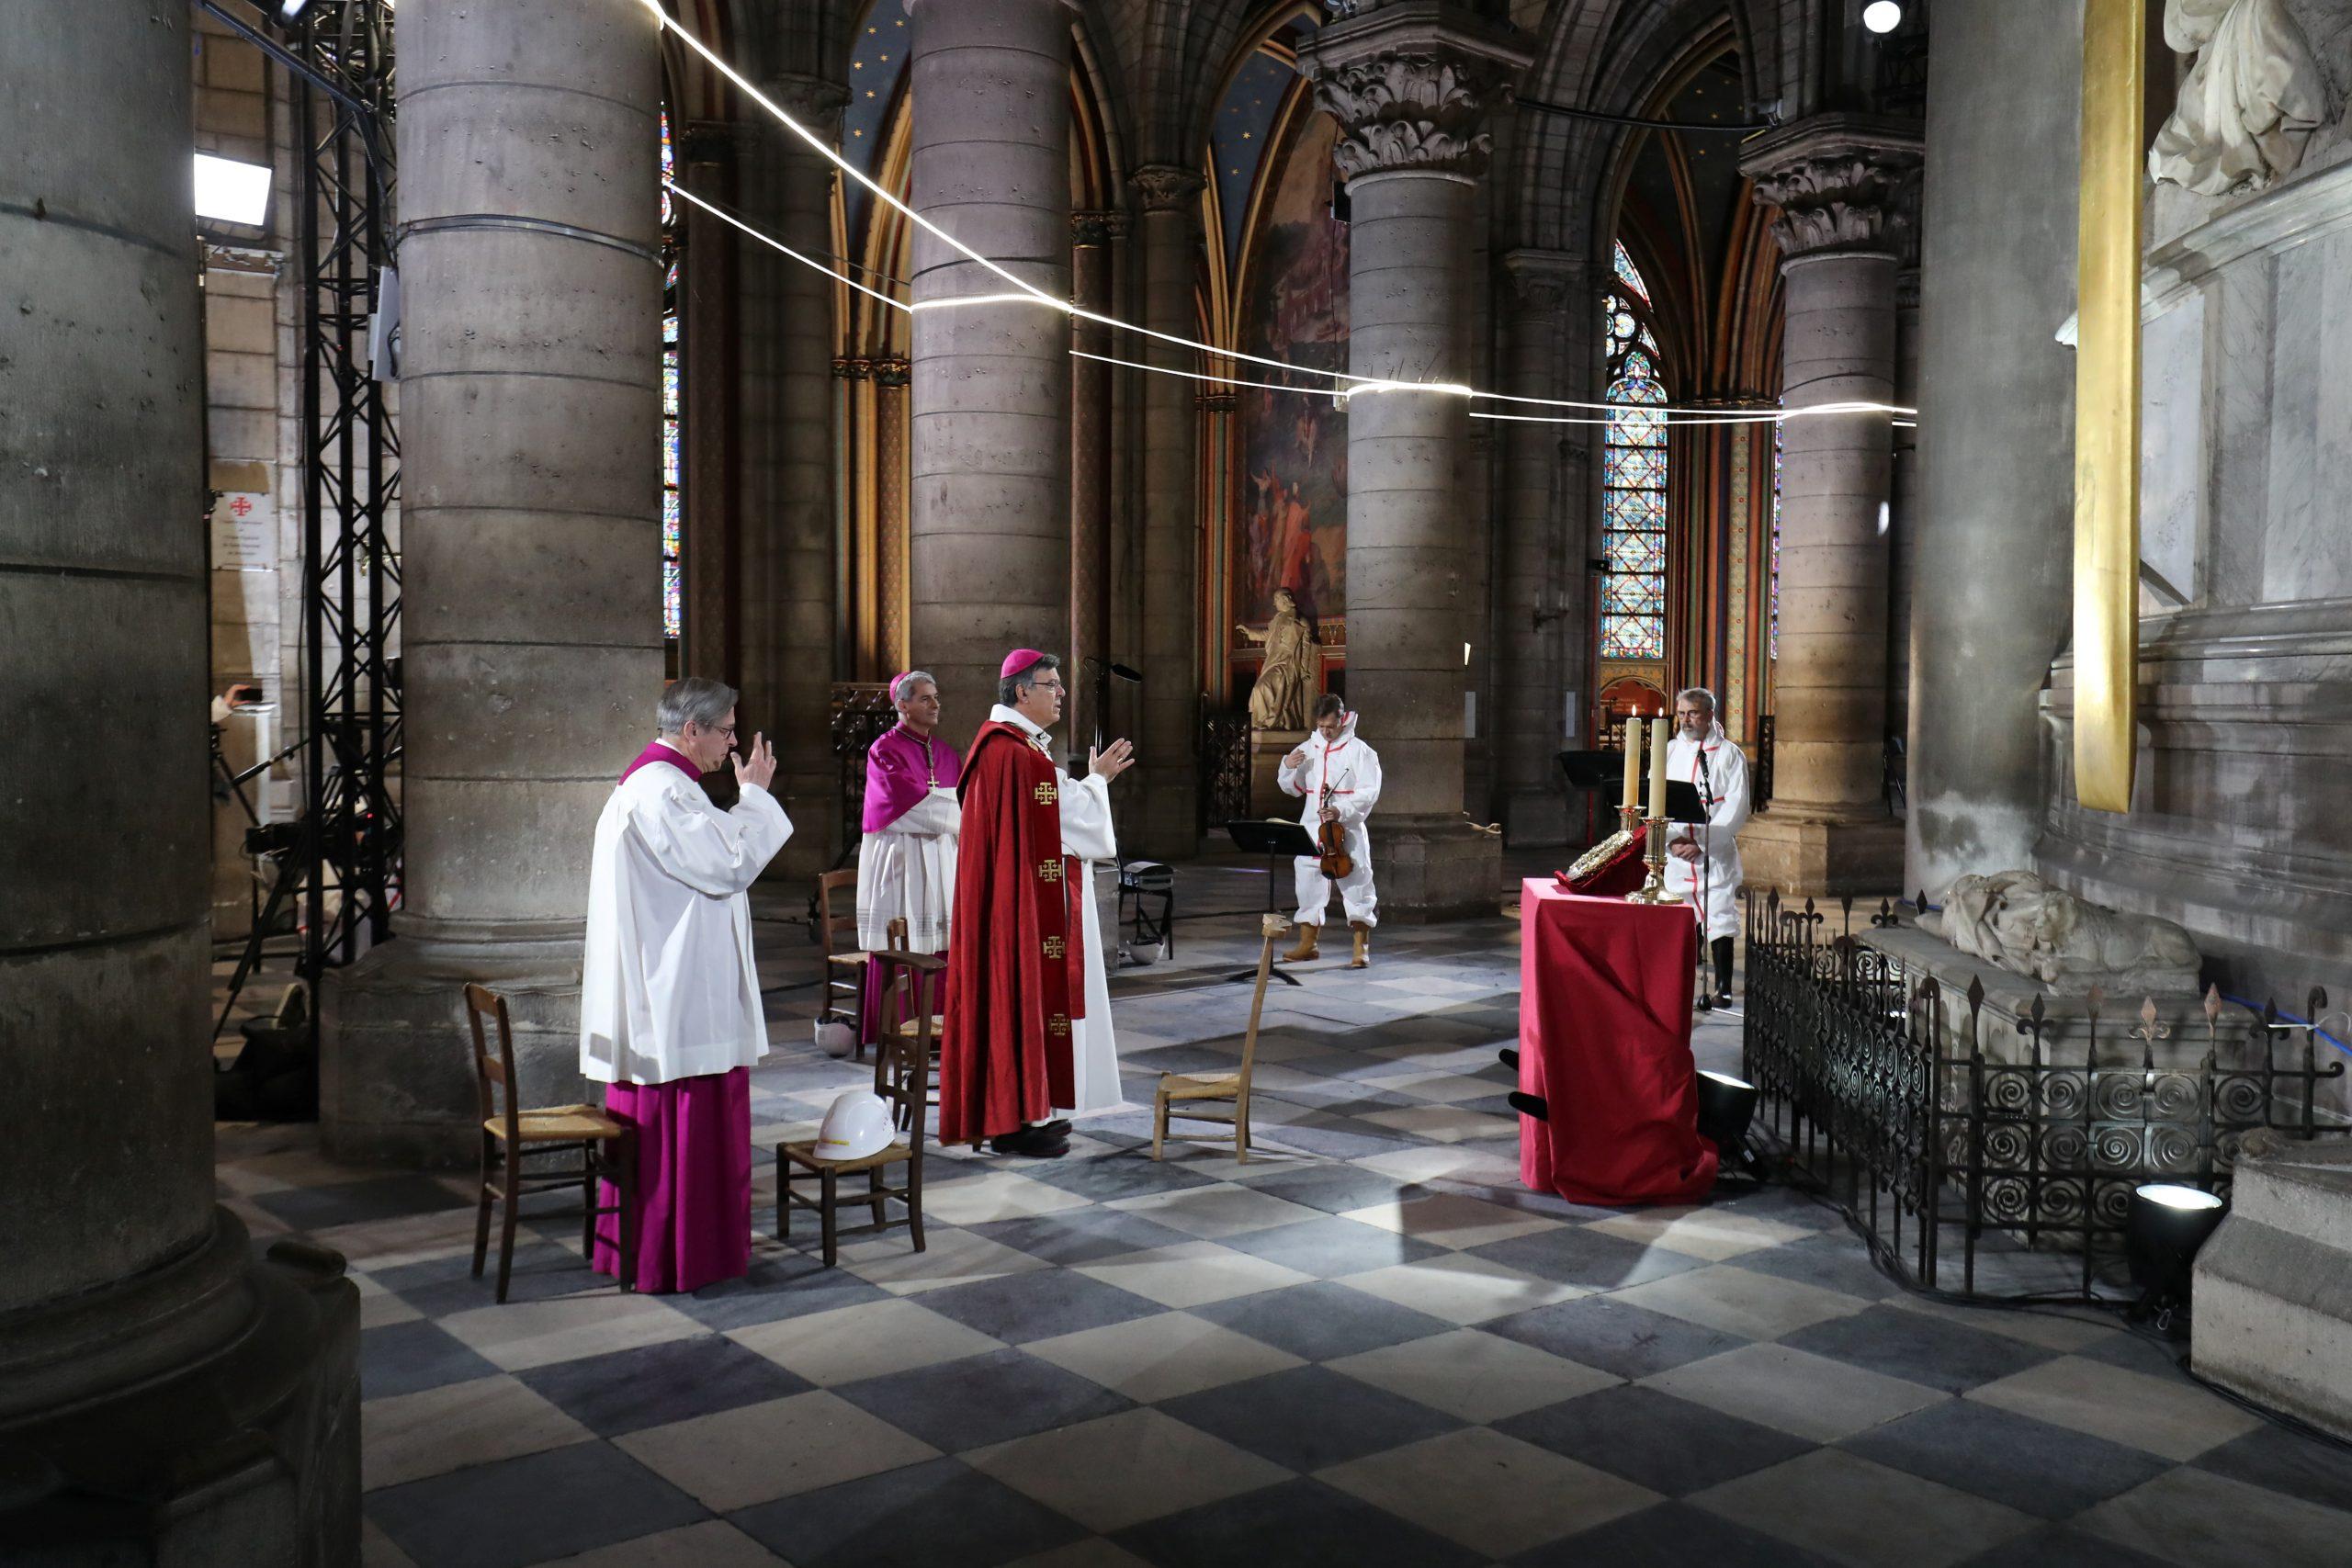 У соборі Нотр-Дам де Парі провели передвеликодню месу